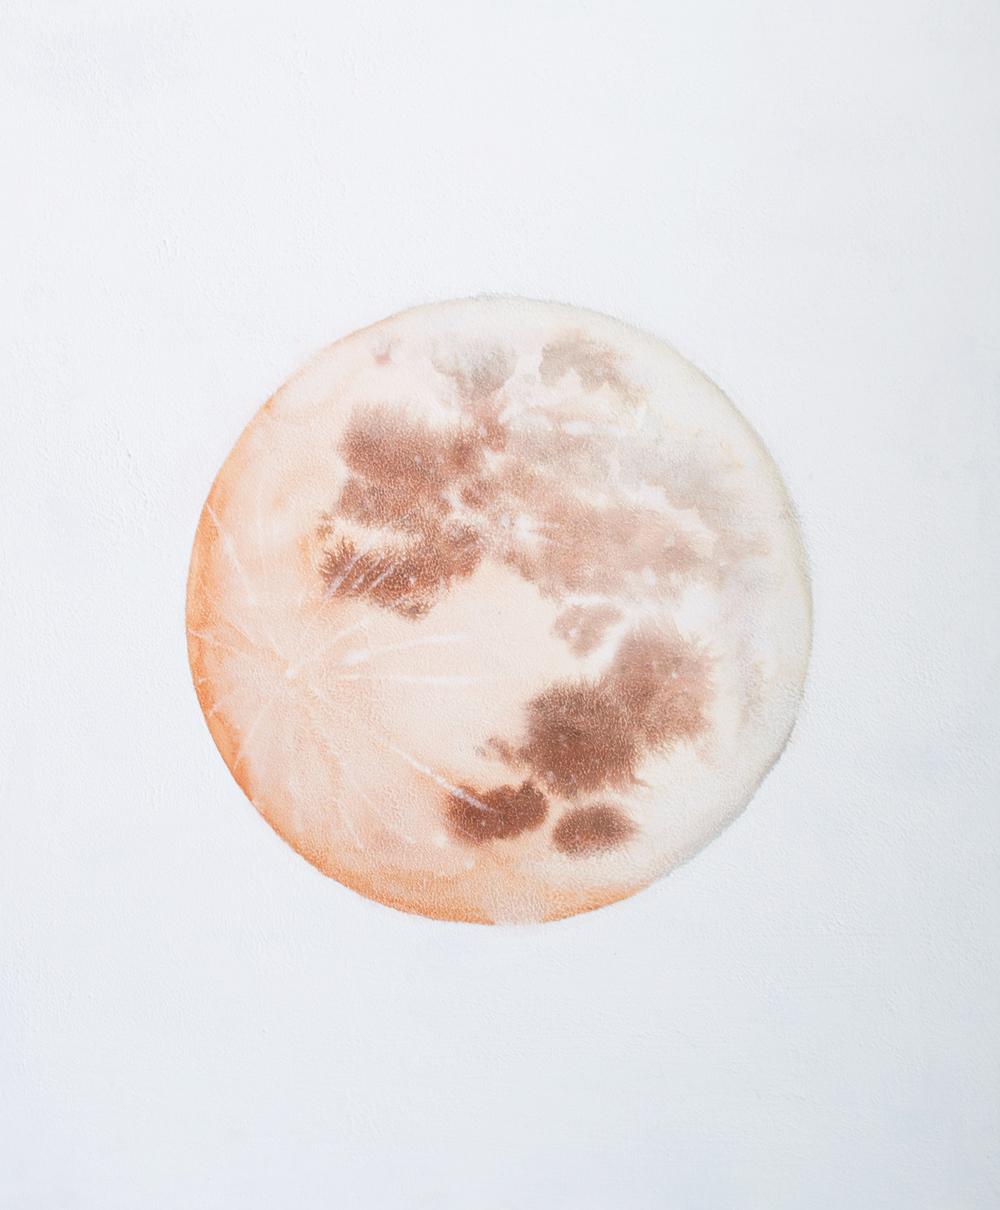 Selenelion+Moon+(1+of+1).jpg